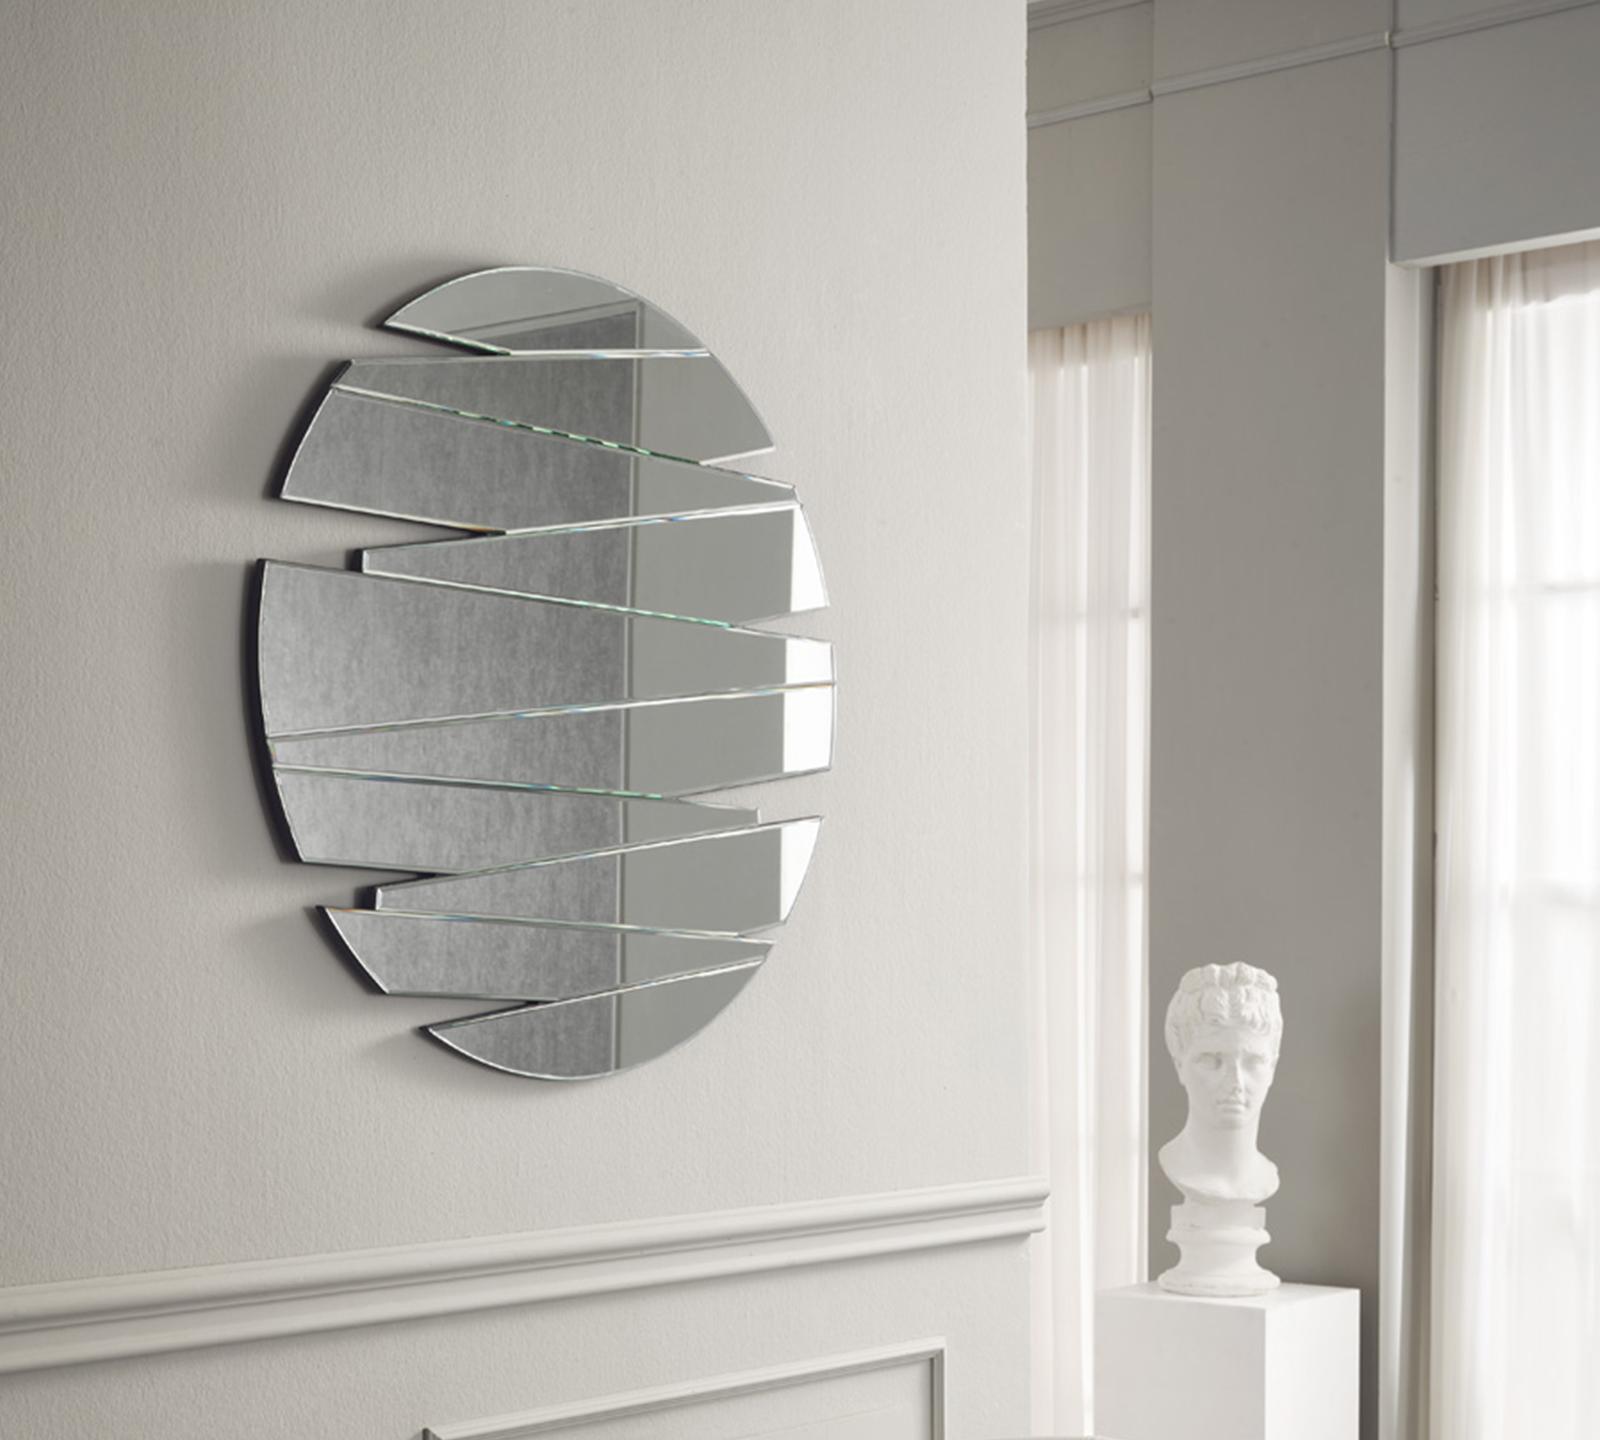 Specchio sp 021 duzzle - Specchio parete ikea ...